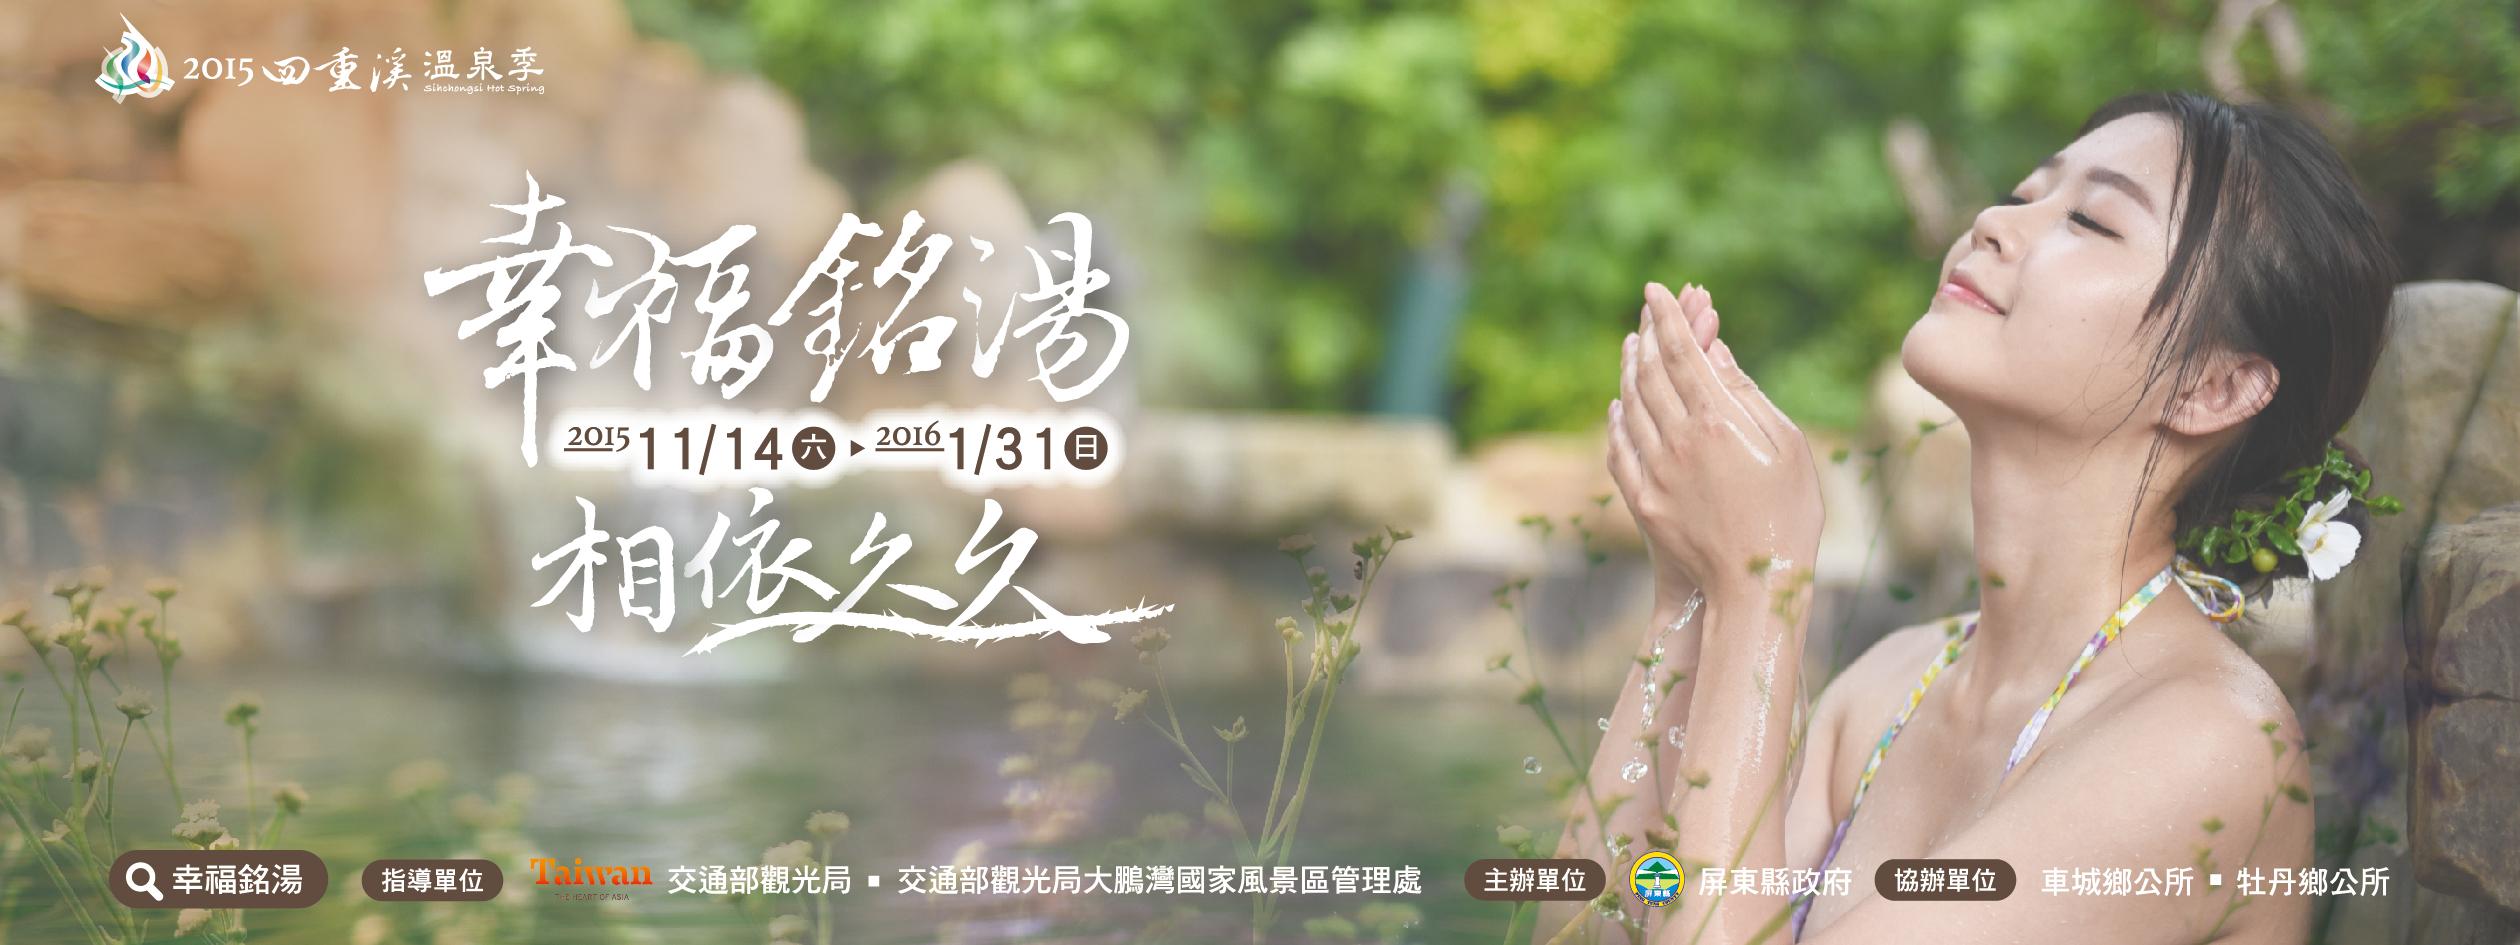 2015 屏東 四重溪溫泉季